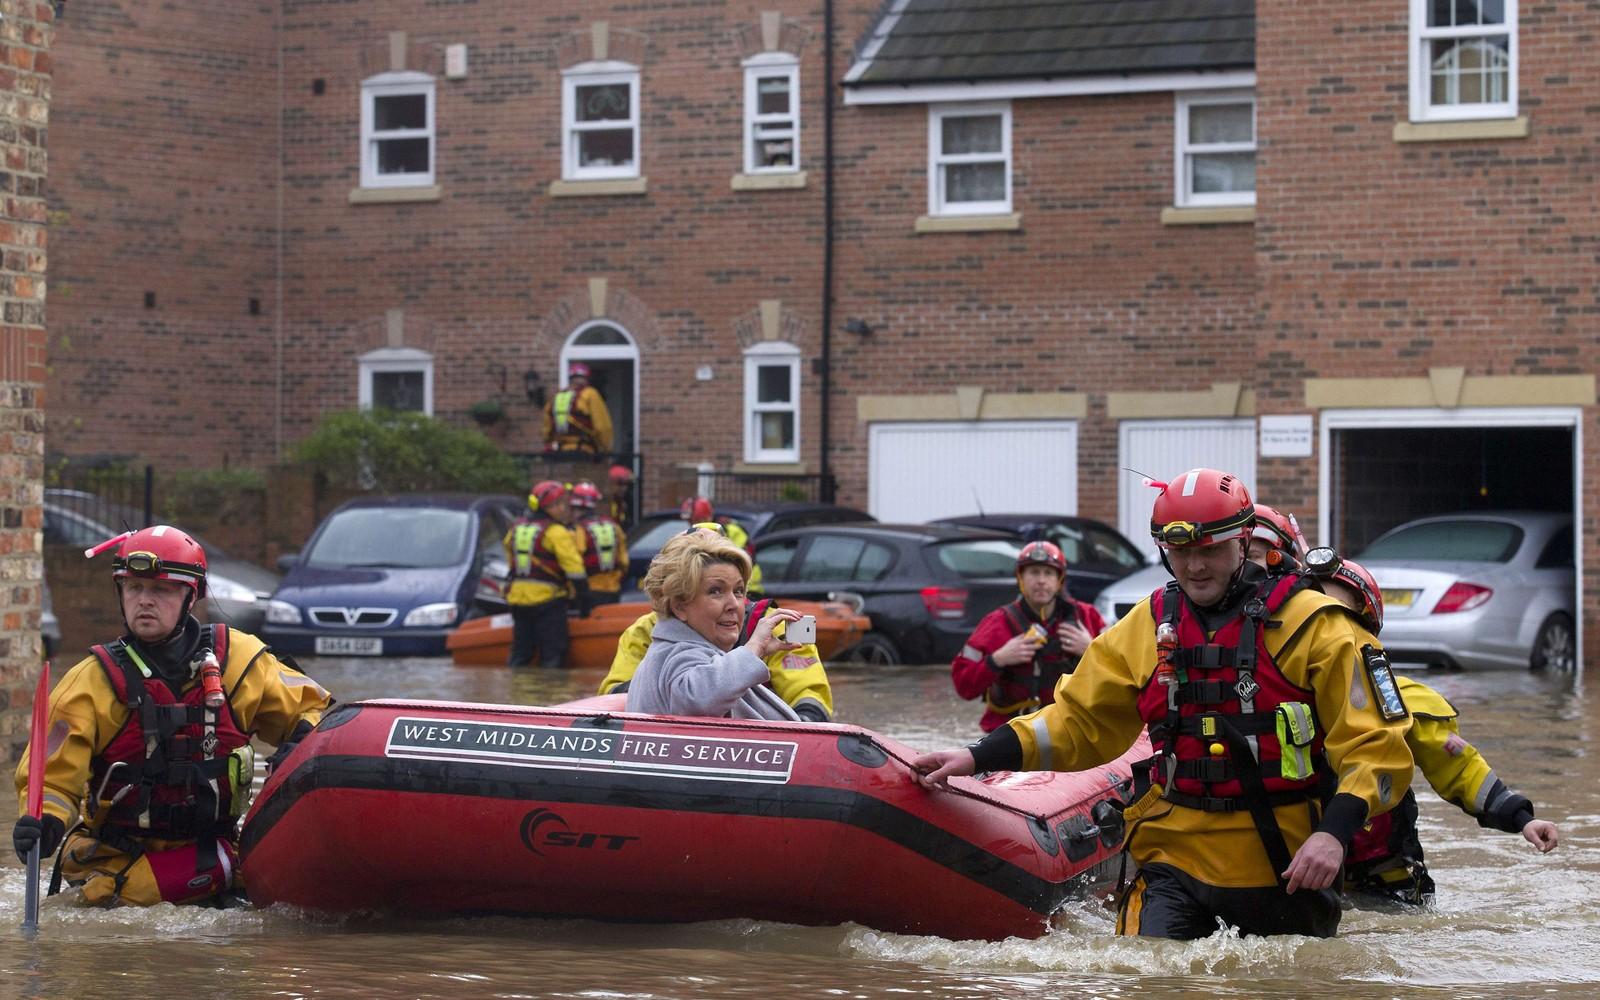 Det er klart det må dokumenteres når man blir evakuert fra sitt eget hjem i en gummibåt. York, nord i England, ble i romjulen rammet av flom.